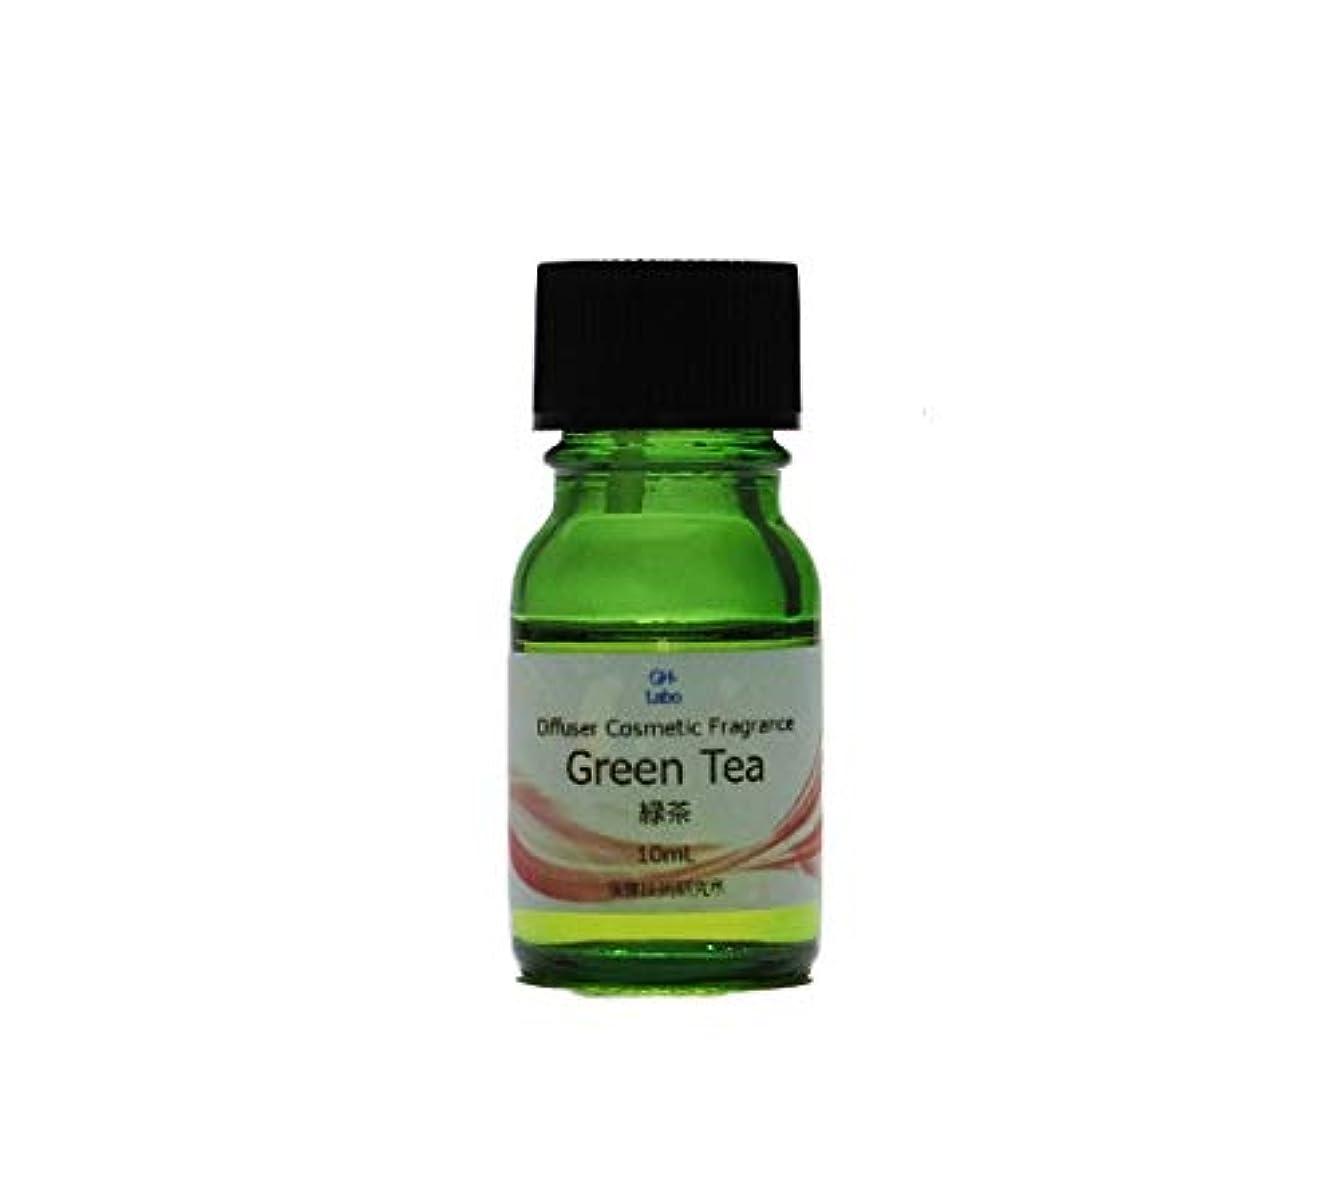 入る粒子誤って緑茶 フレグランス 香料 ディフューザー アロマオイル 手作り 化粧品